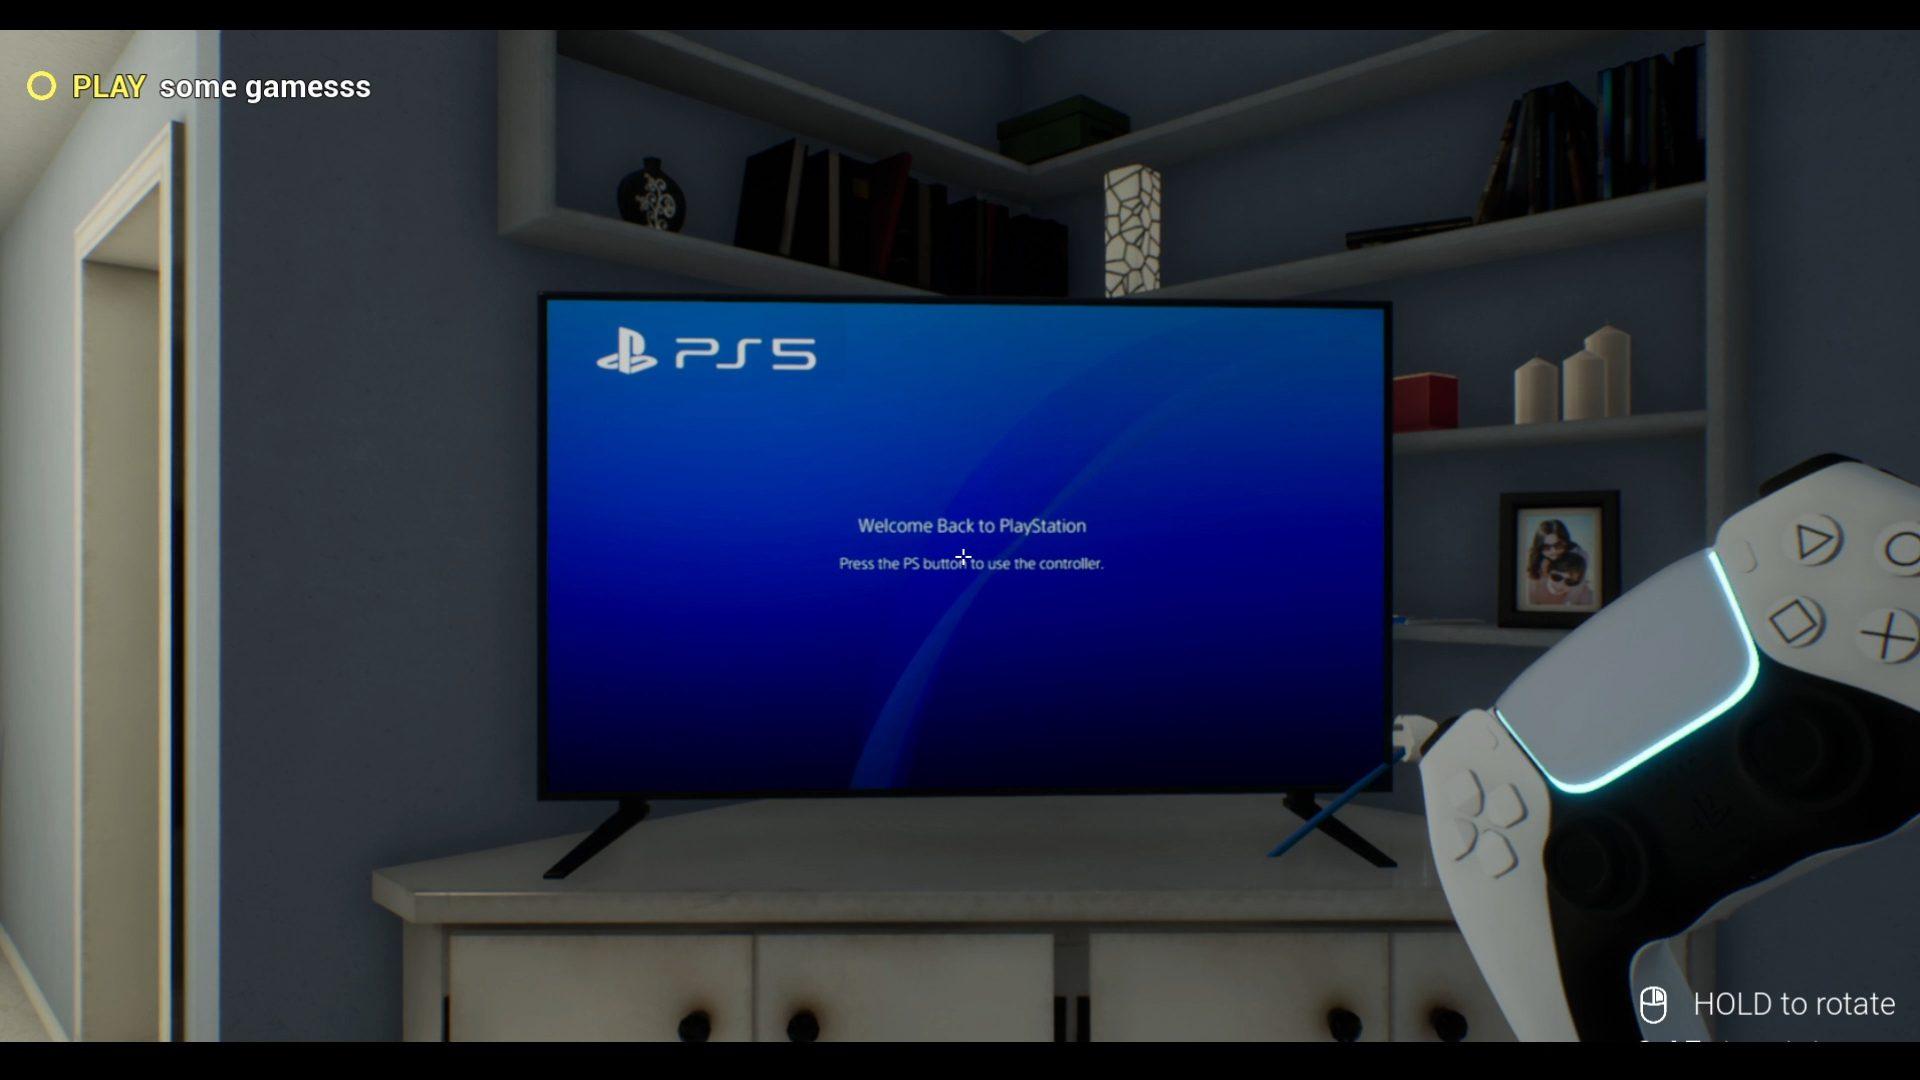 PlayStation 5 troppo cara? Ora è possibile giocare gratis con un simulatore thumbnail